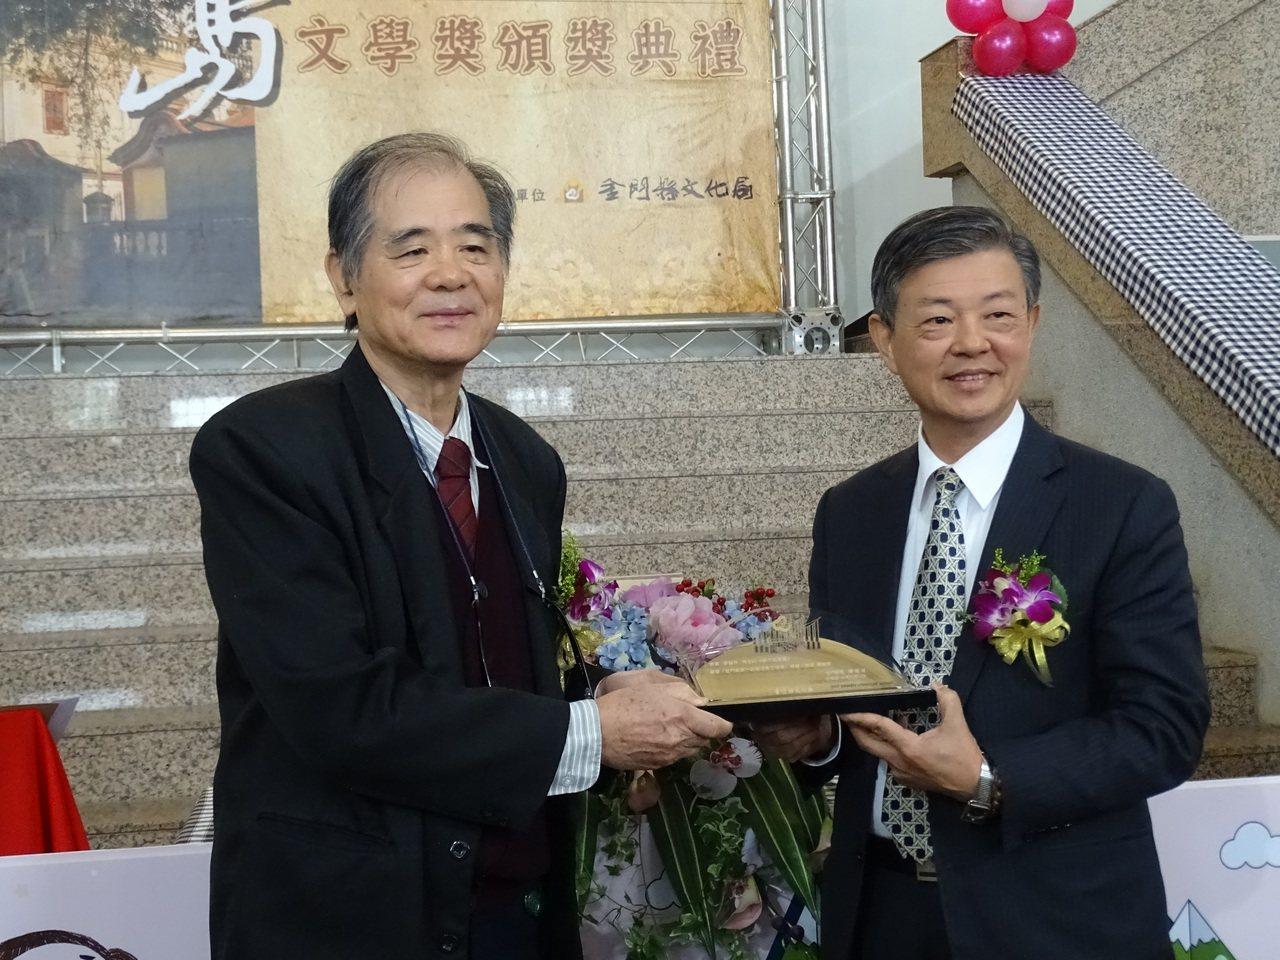 今年 67歲的資深媒體人李福井以「蔣介石密碼」小說,勇奪20萬獎金,他以記者之眼...